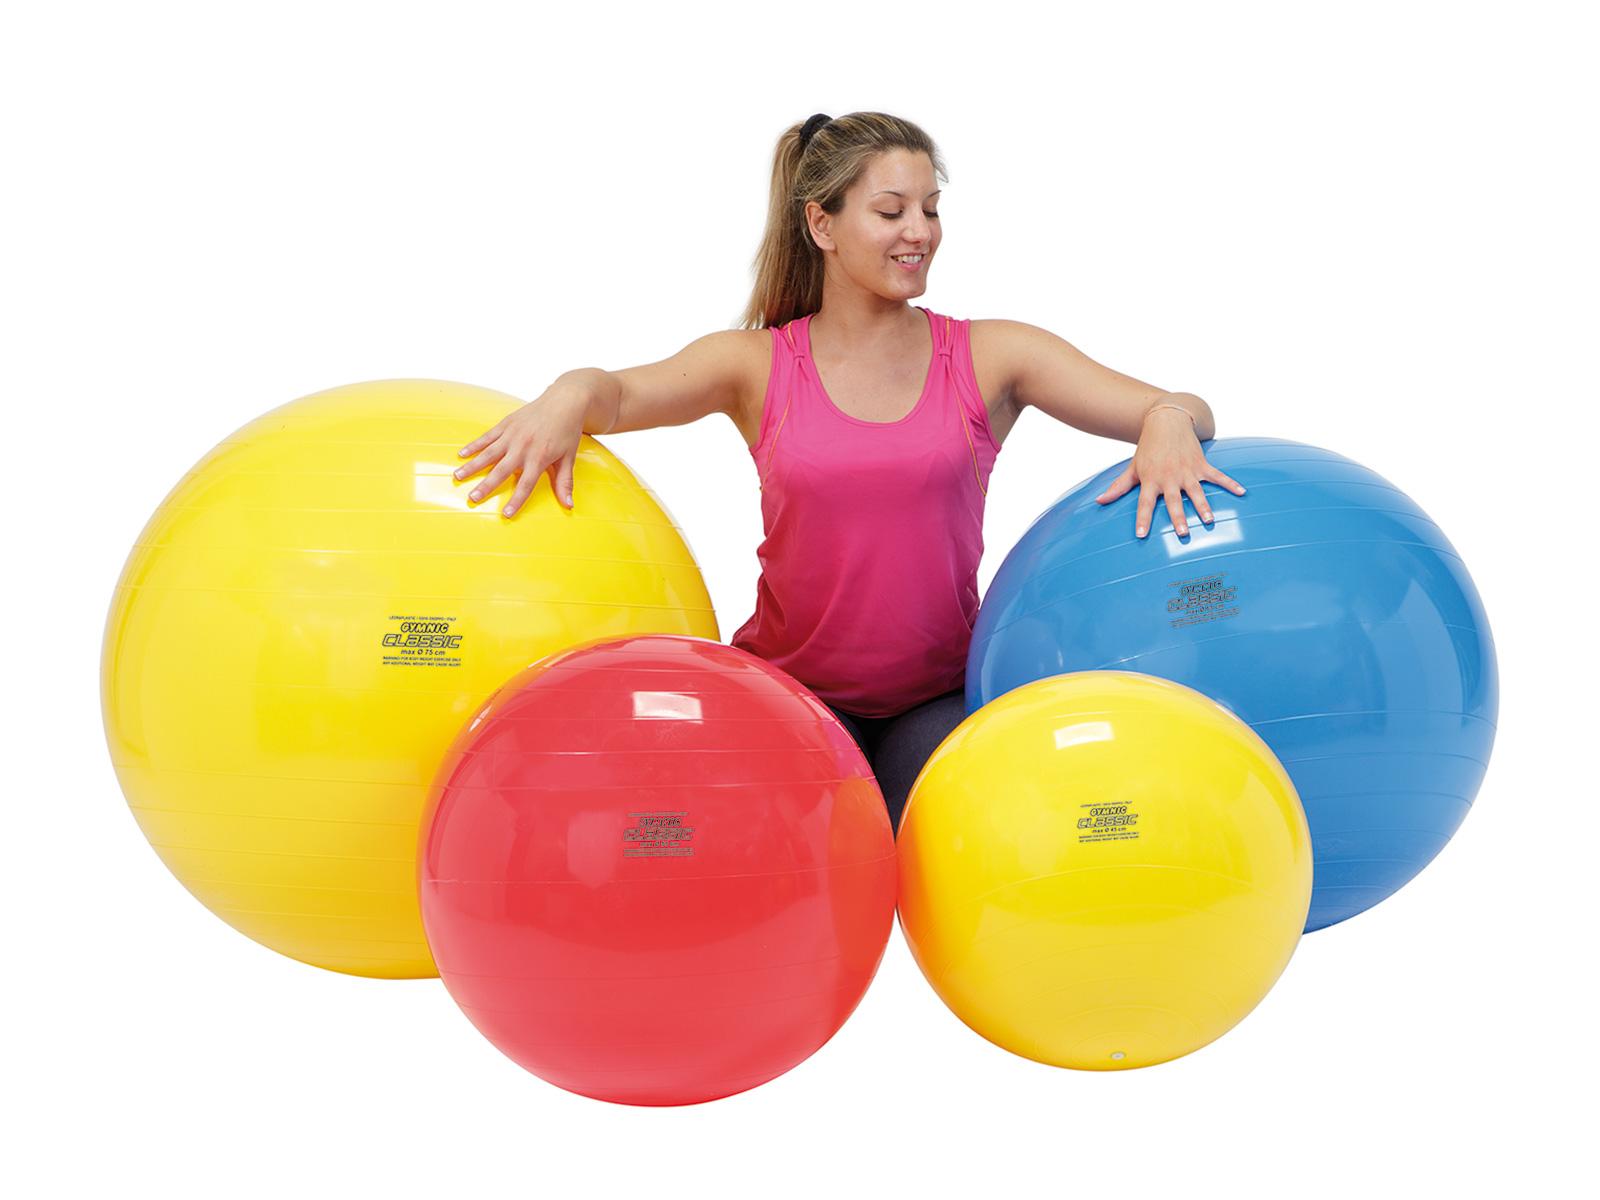 Фитбол: особенности тренировки, упражнения, программы и рекомендации